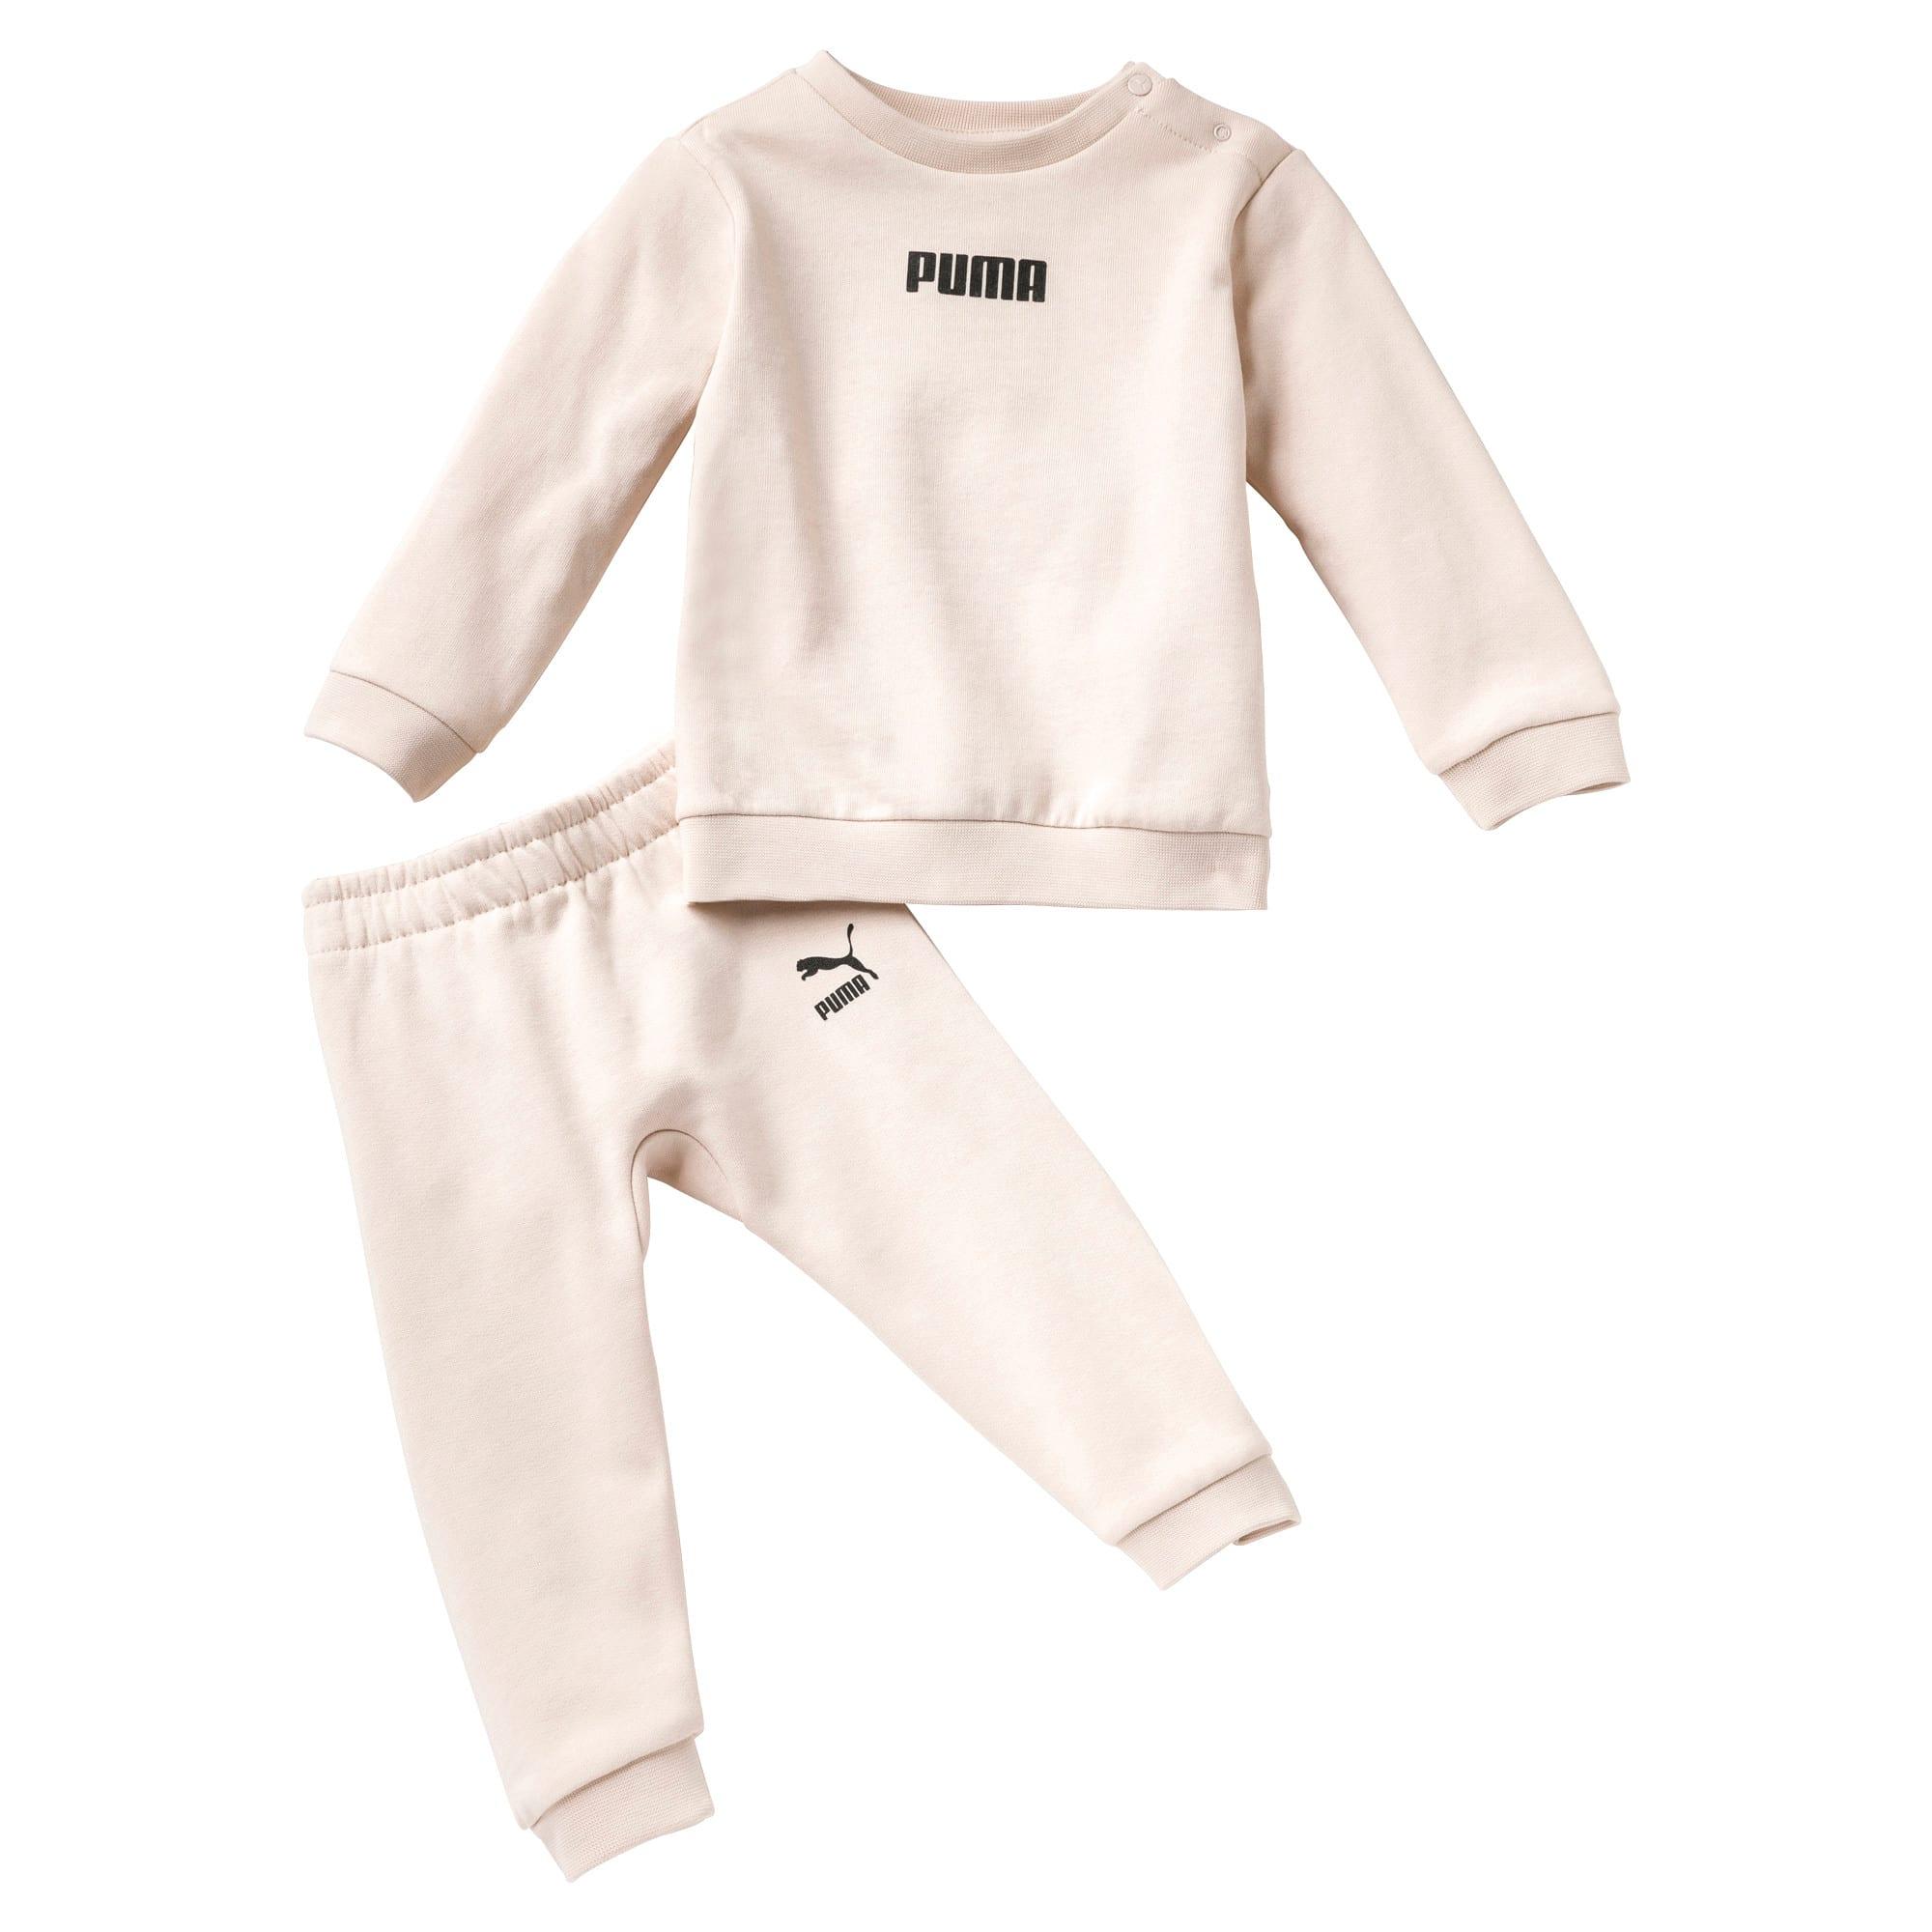 Babies' Jogger Set, Roze, Maat 74 | PUMA